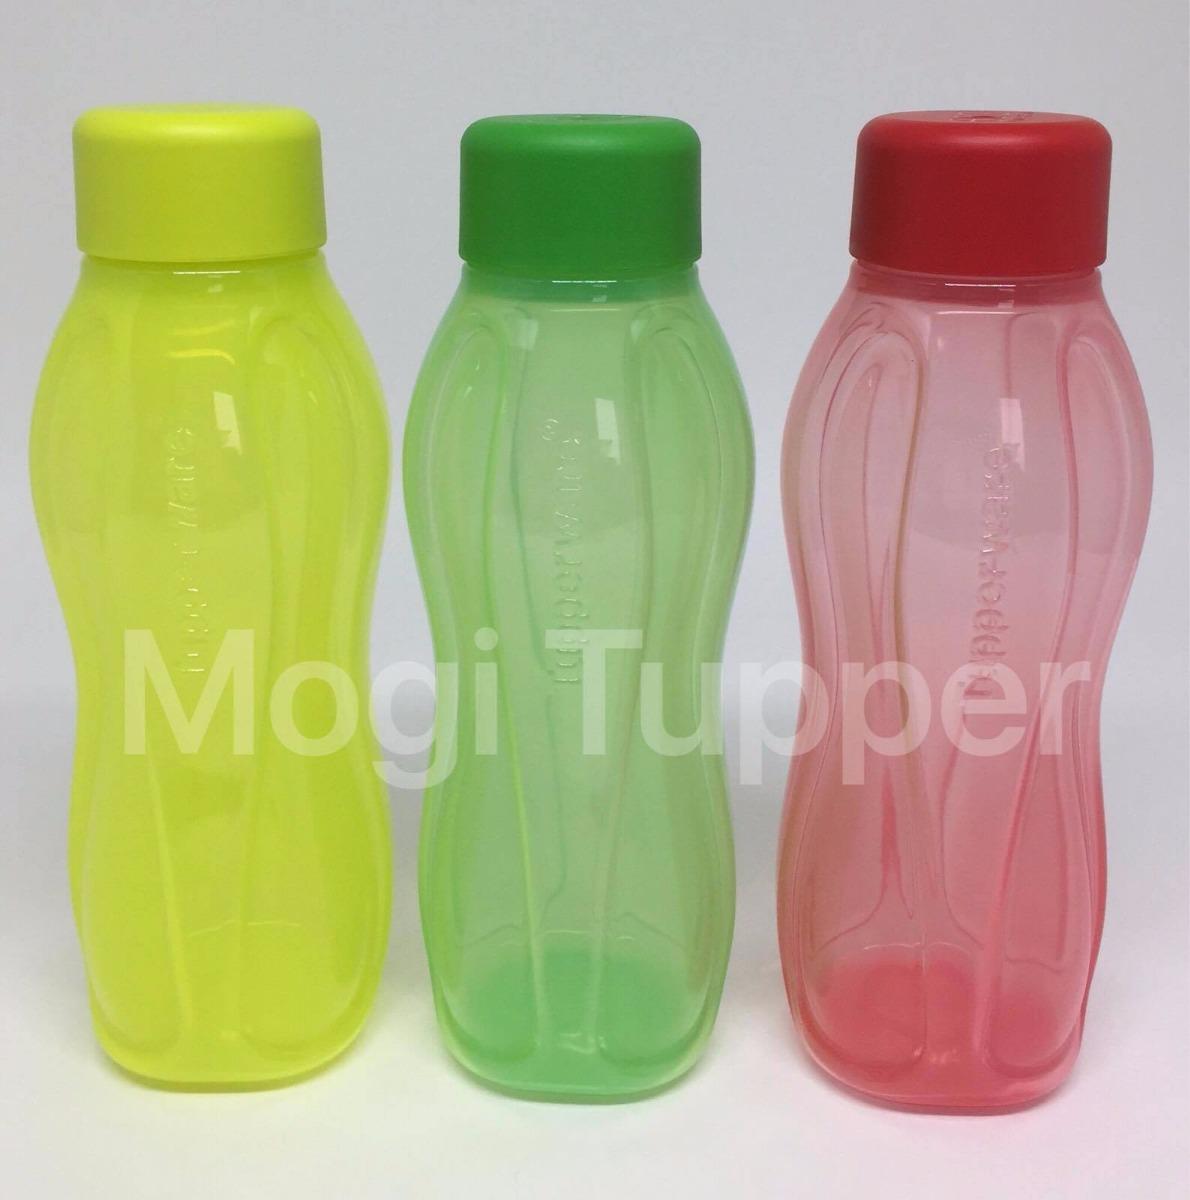 Kit Com 3 Eco Garrafas 310ml Tupperware R 9000 Em Mercado Livre 4 Neon Bottle